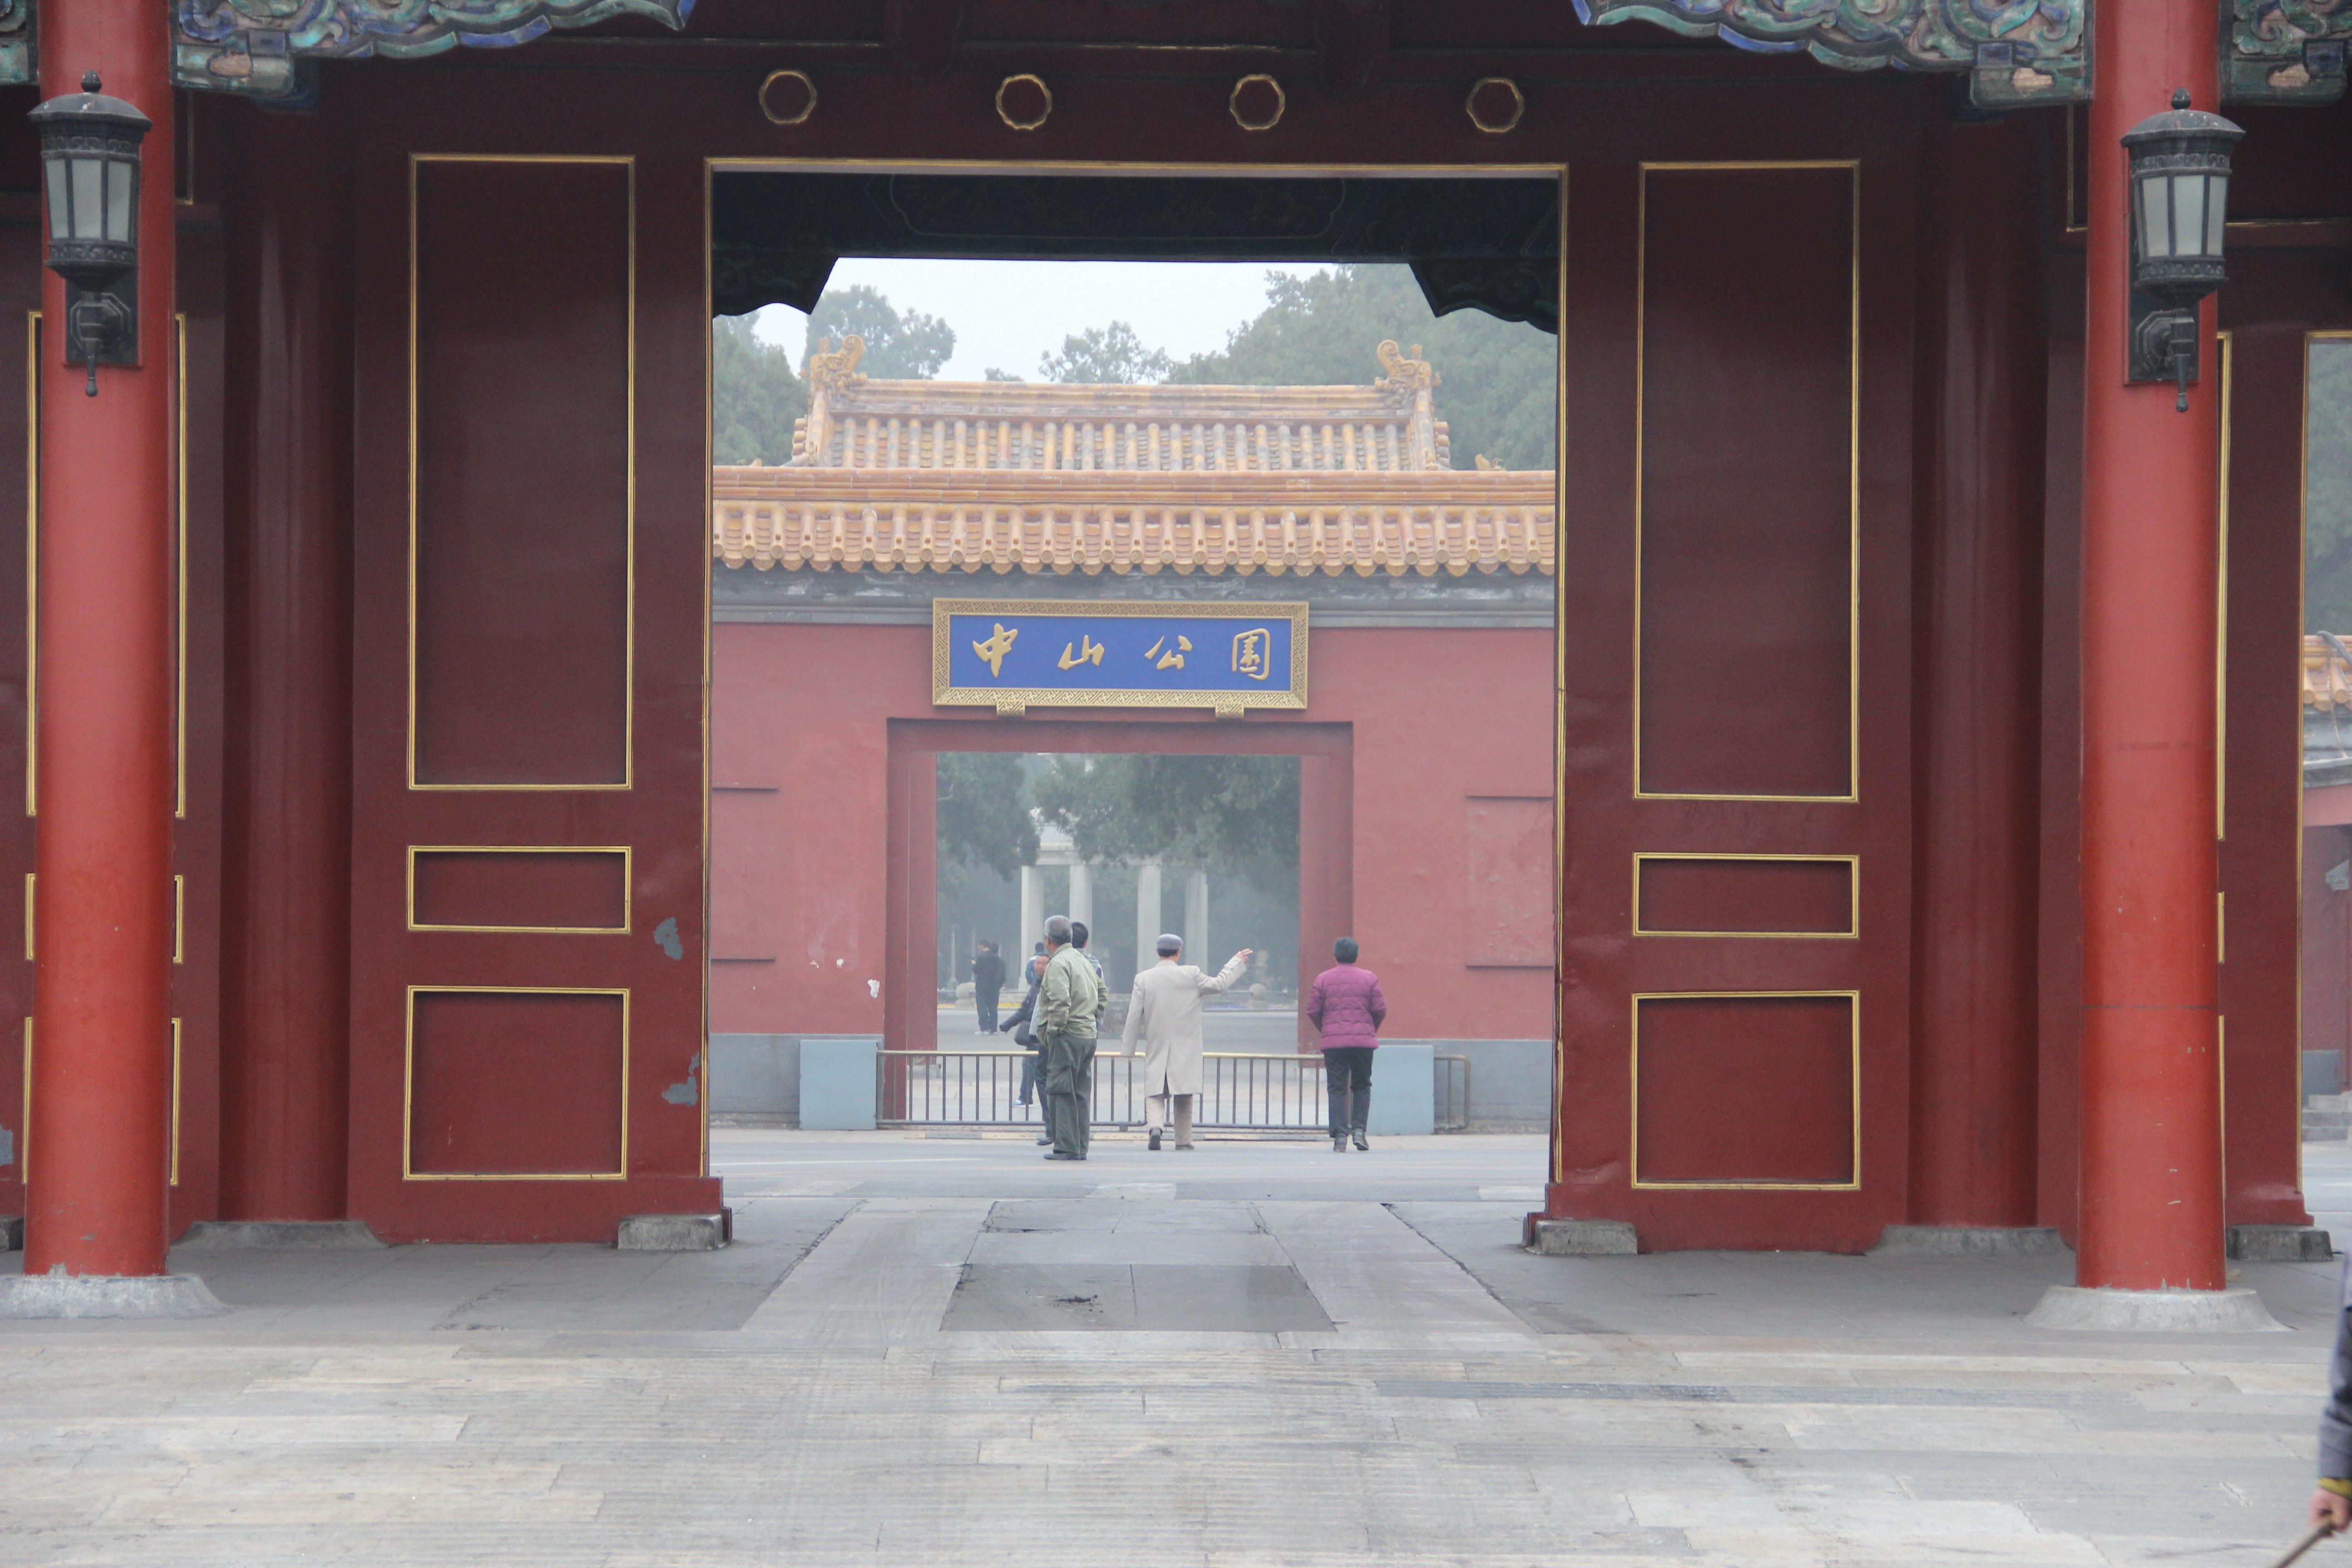 中山公园主要是为了纪念孙中山先生而改名,每年都有活动在这里举行,纪念孙中山先生。 其实,作为北京市市民,对中山公园的了解都在每年的花展,首先具有名气的唐花坞是一年四季保持有花展的地方,即使是严寒的冬季,这里也是花香四溢,进去参观可以使人心旷神怡。 但是,作为中山公园音乐堂这里又是北京夏季音乐会的主会场之一,这里原来是个露天剧场,小的时候,我们经常来此纳凉,欣赏音乐会,这里对北京人来说也可以说是无所不知。